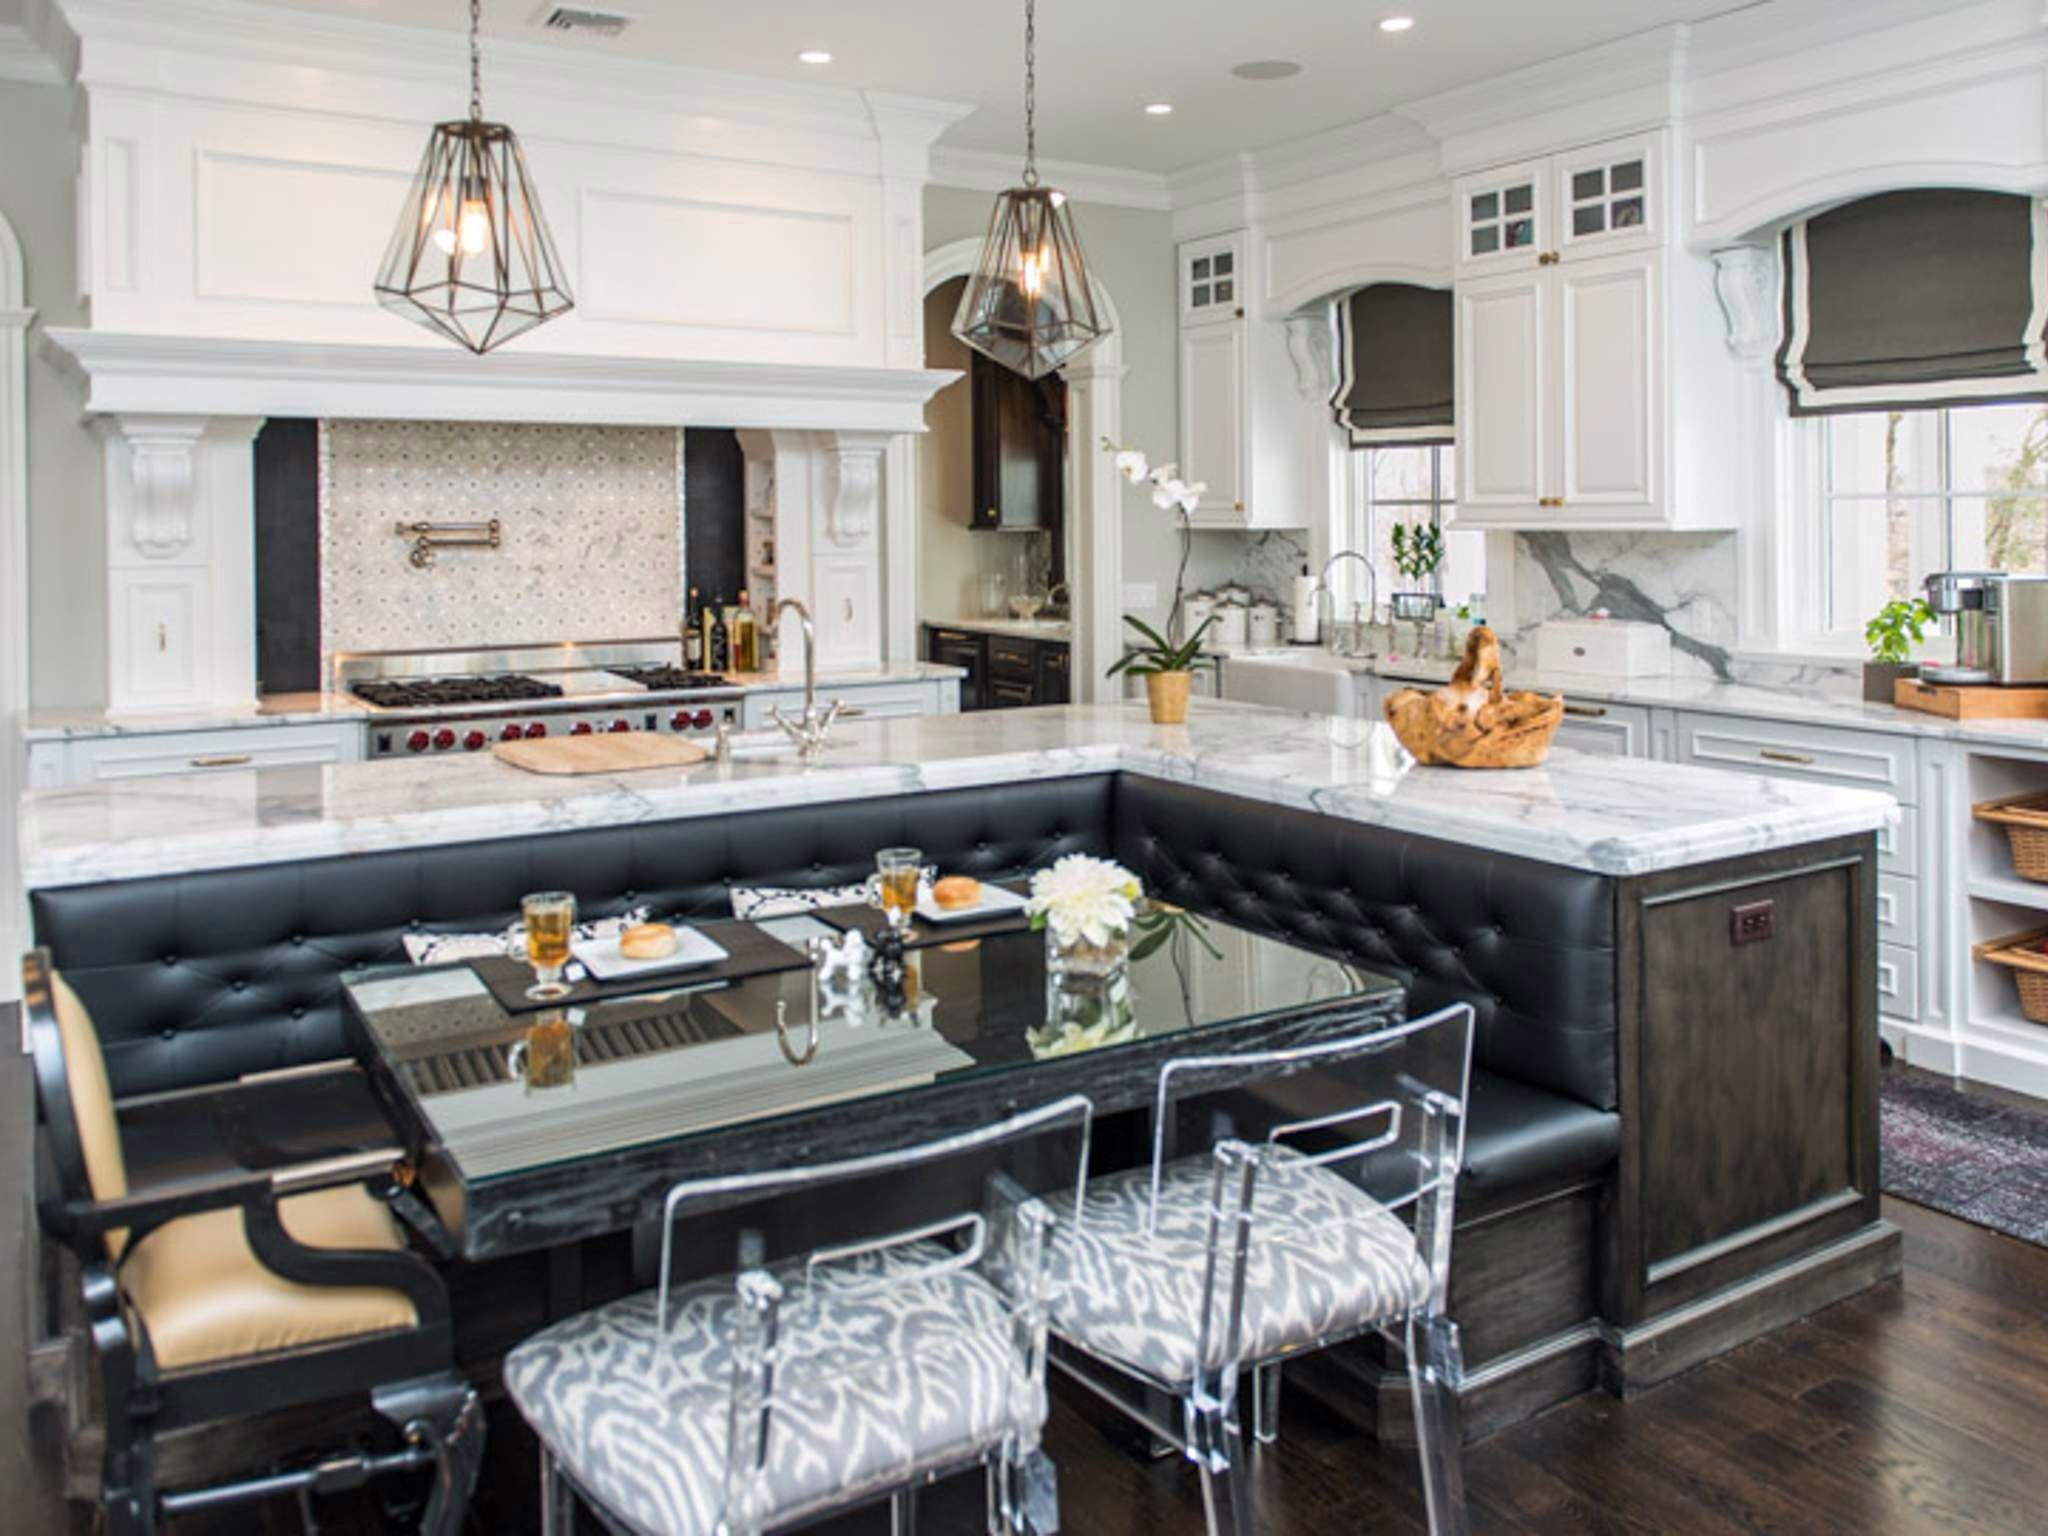 Glamor kitchen  Kitchen seating, Kitchen island with bench